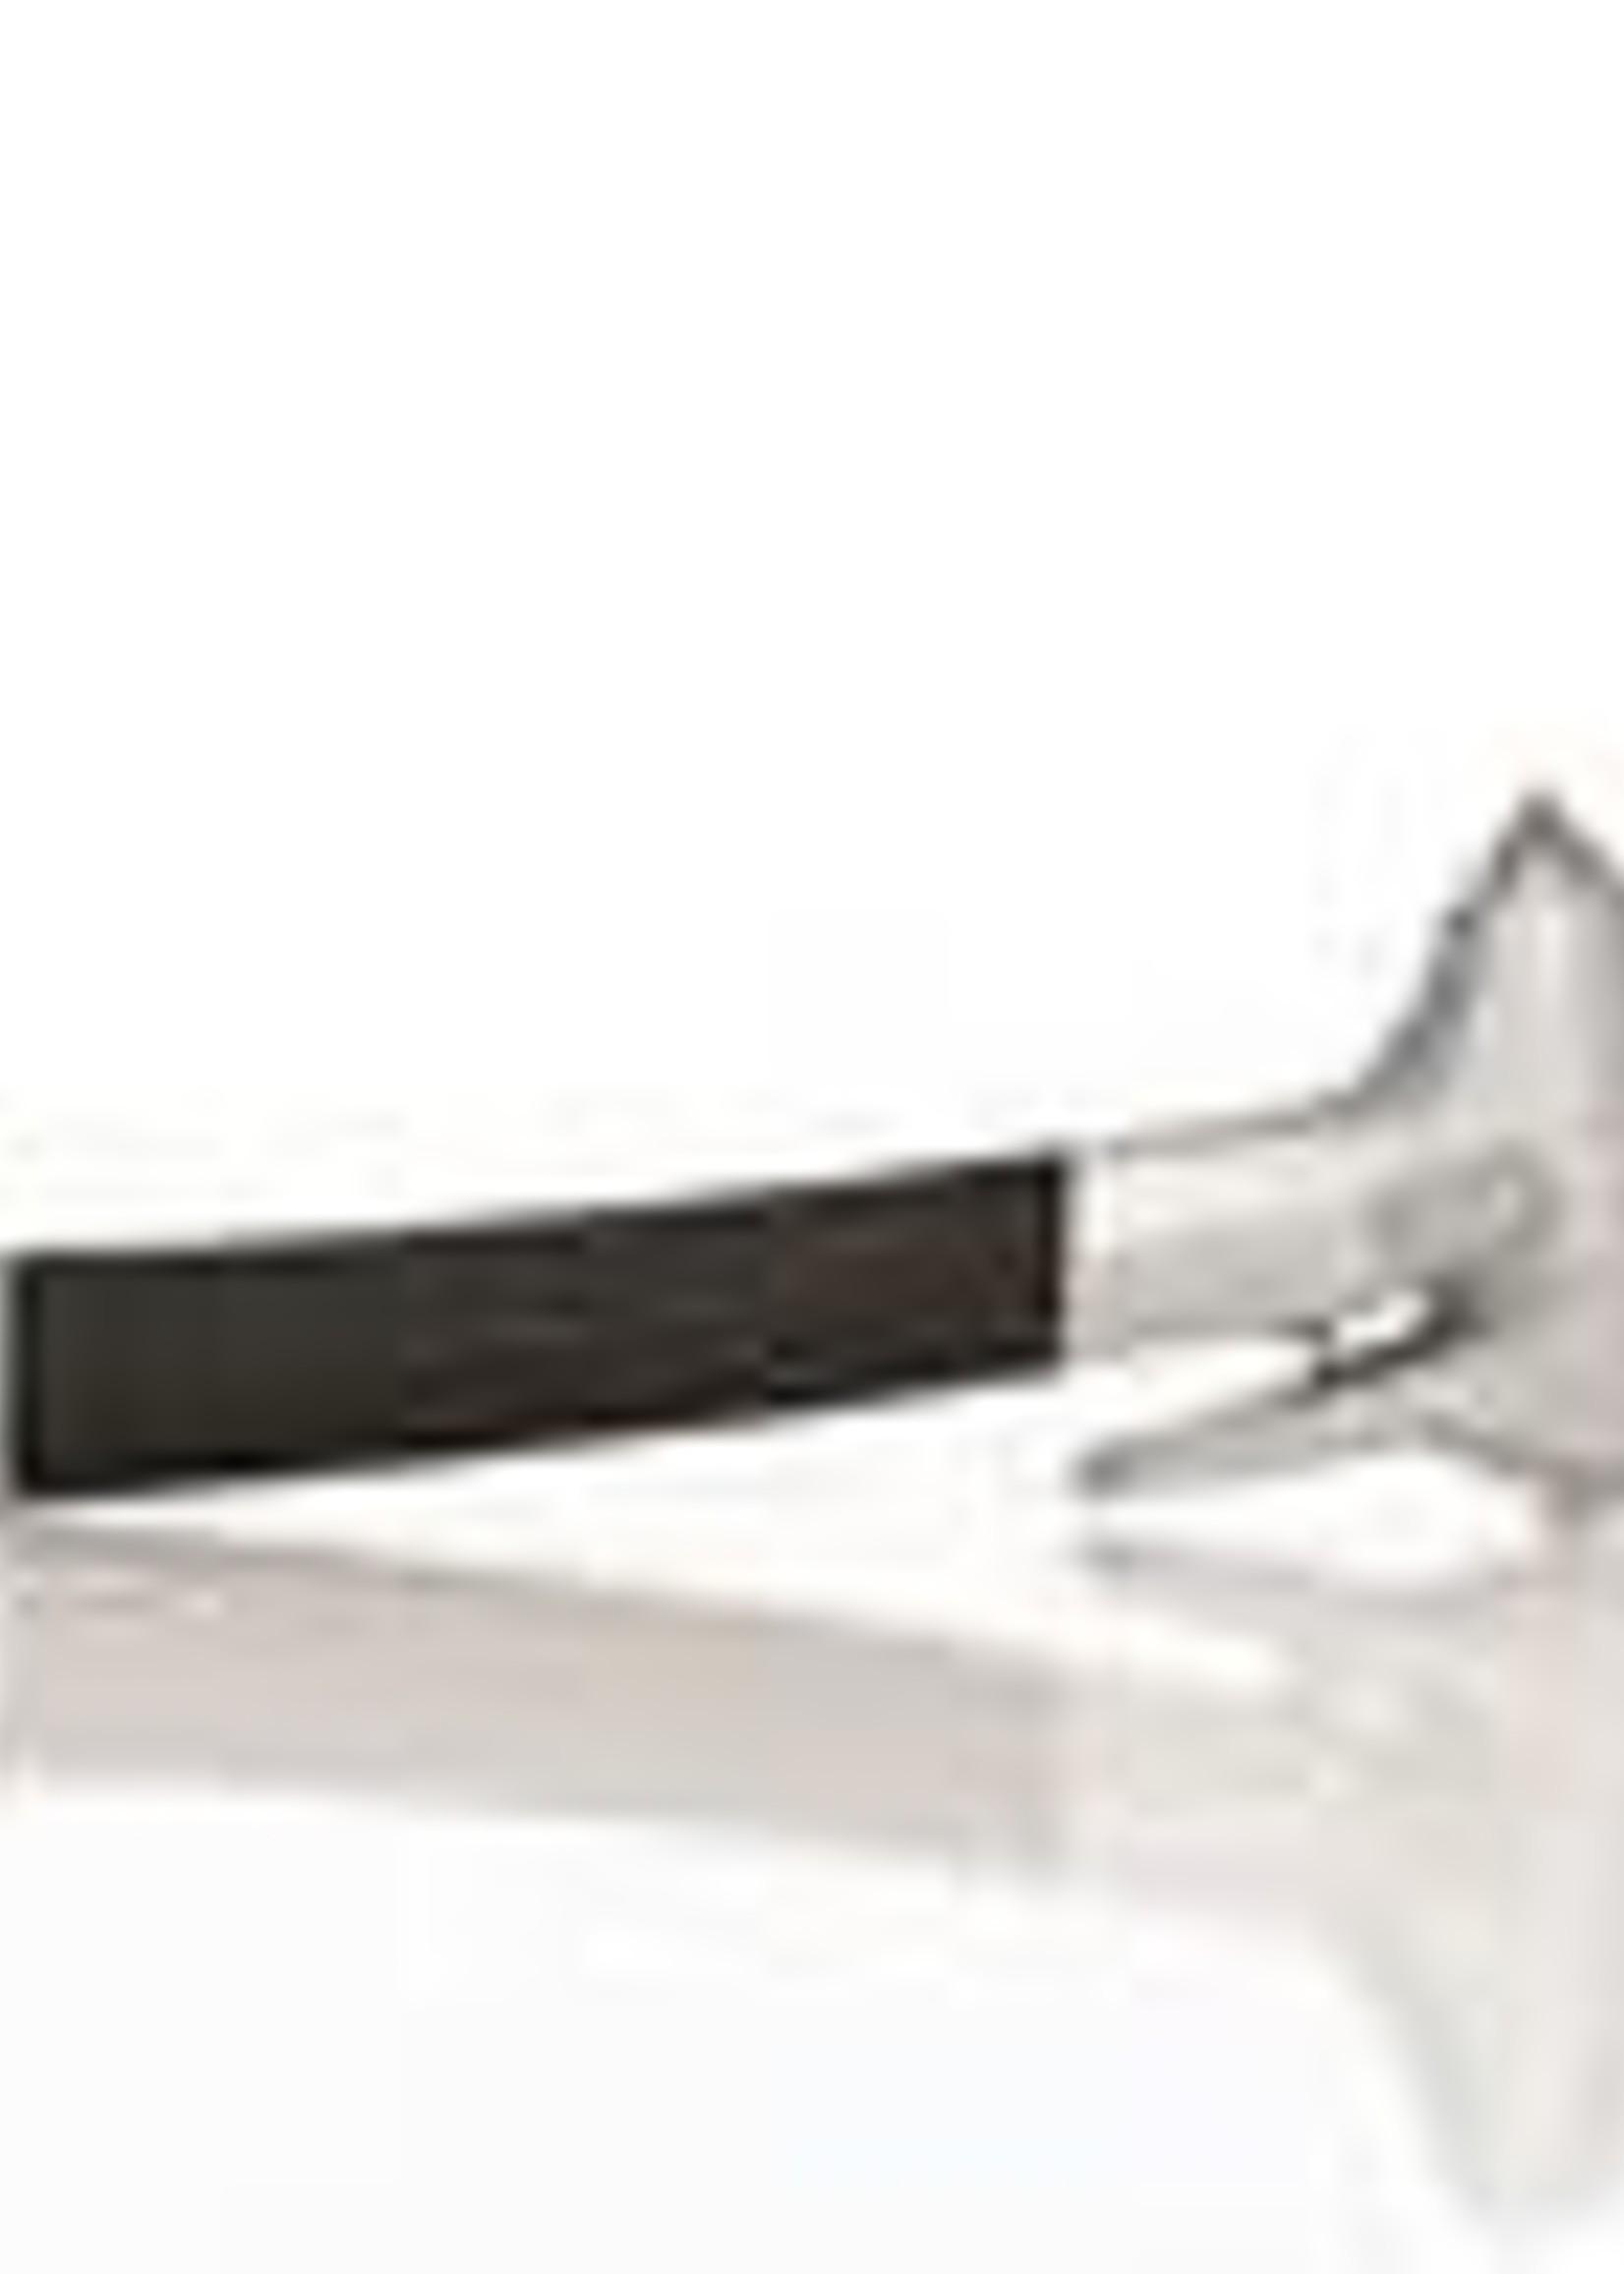 Emergency Hammer w/ LED Flashlight-Brown